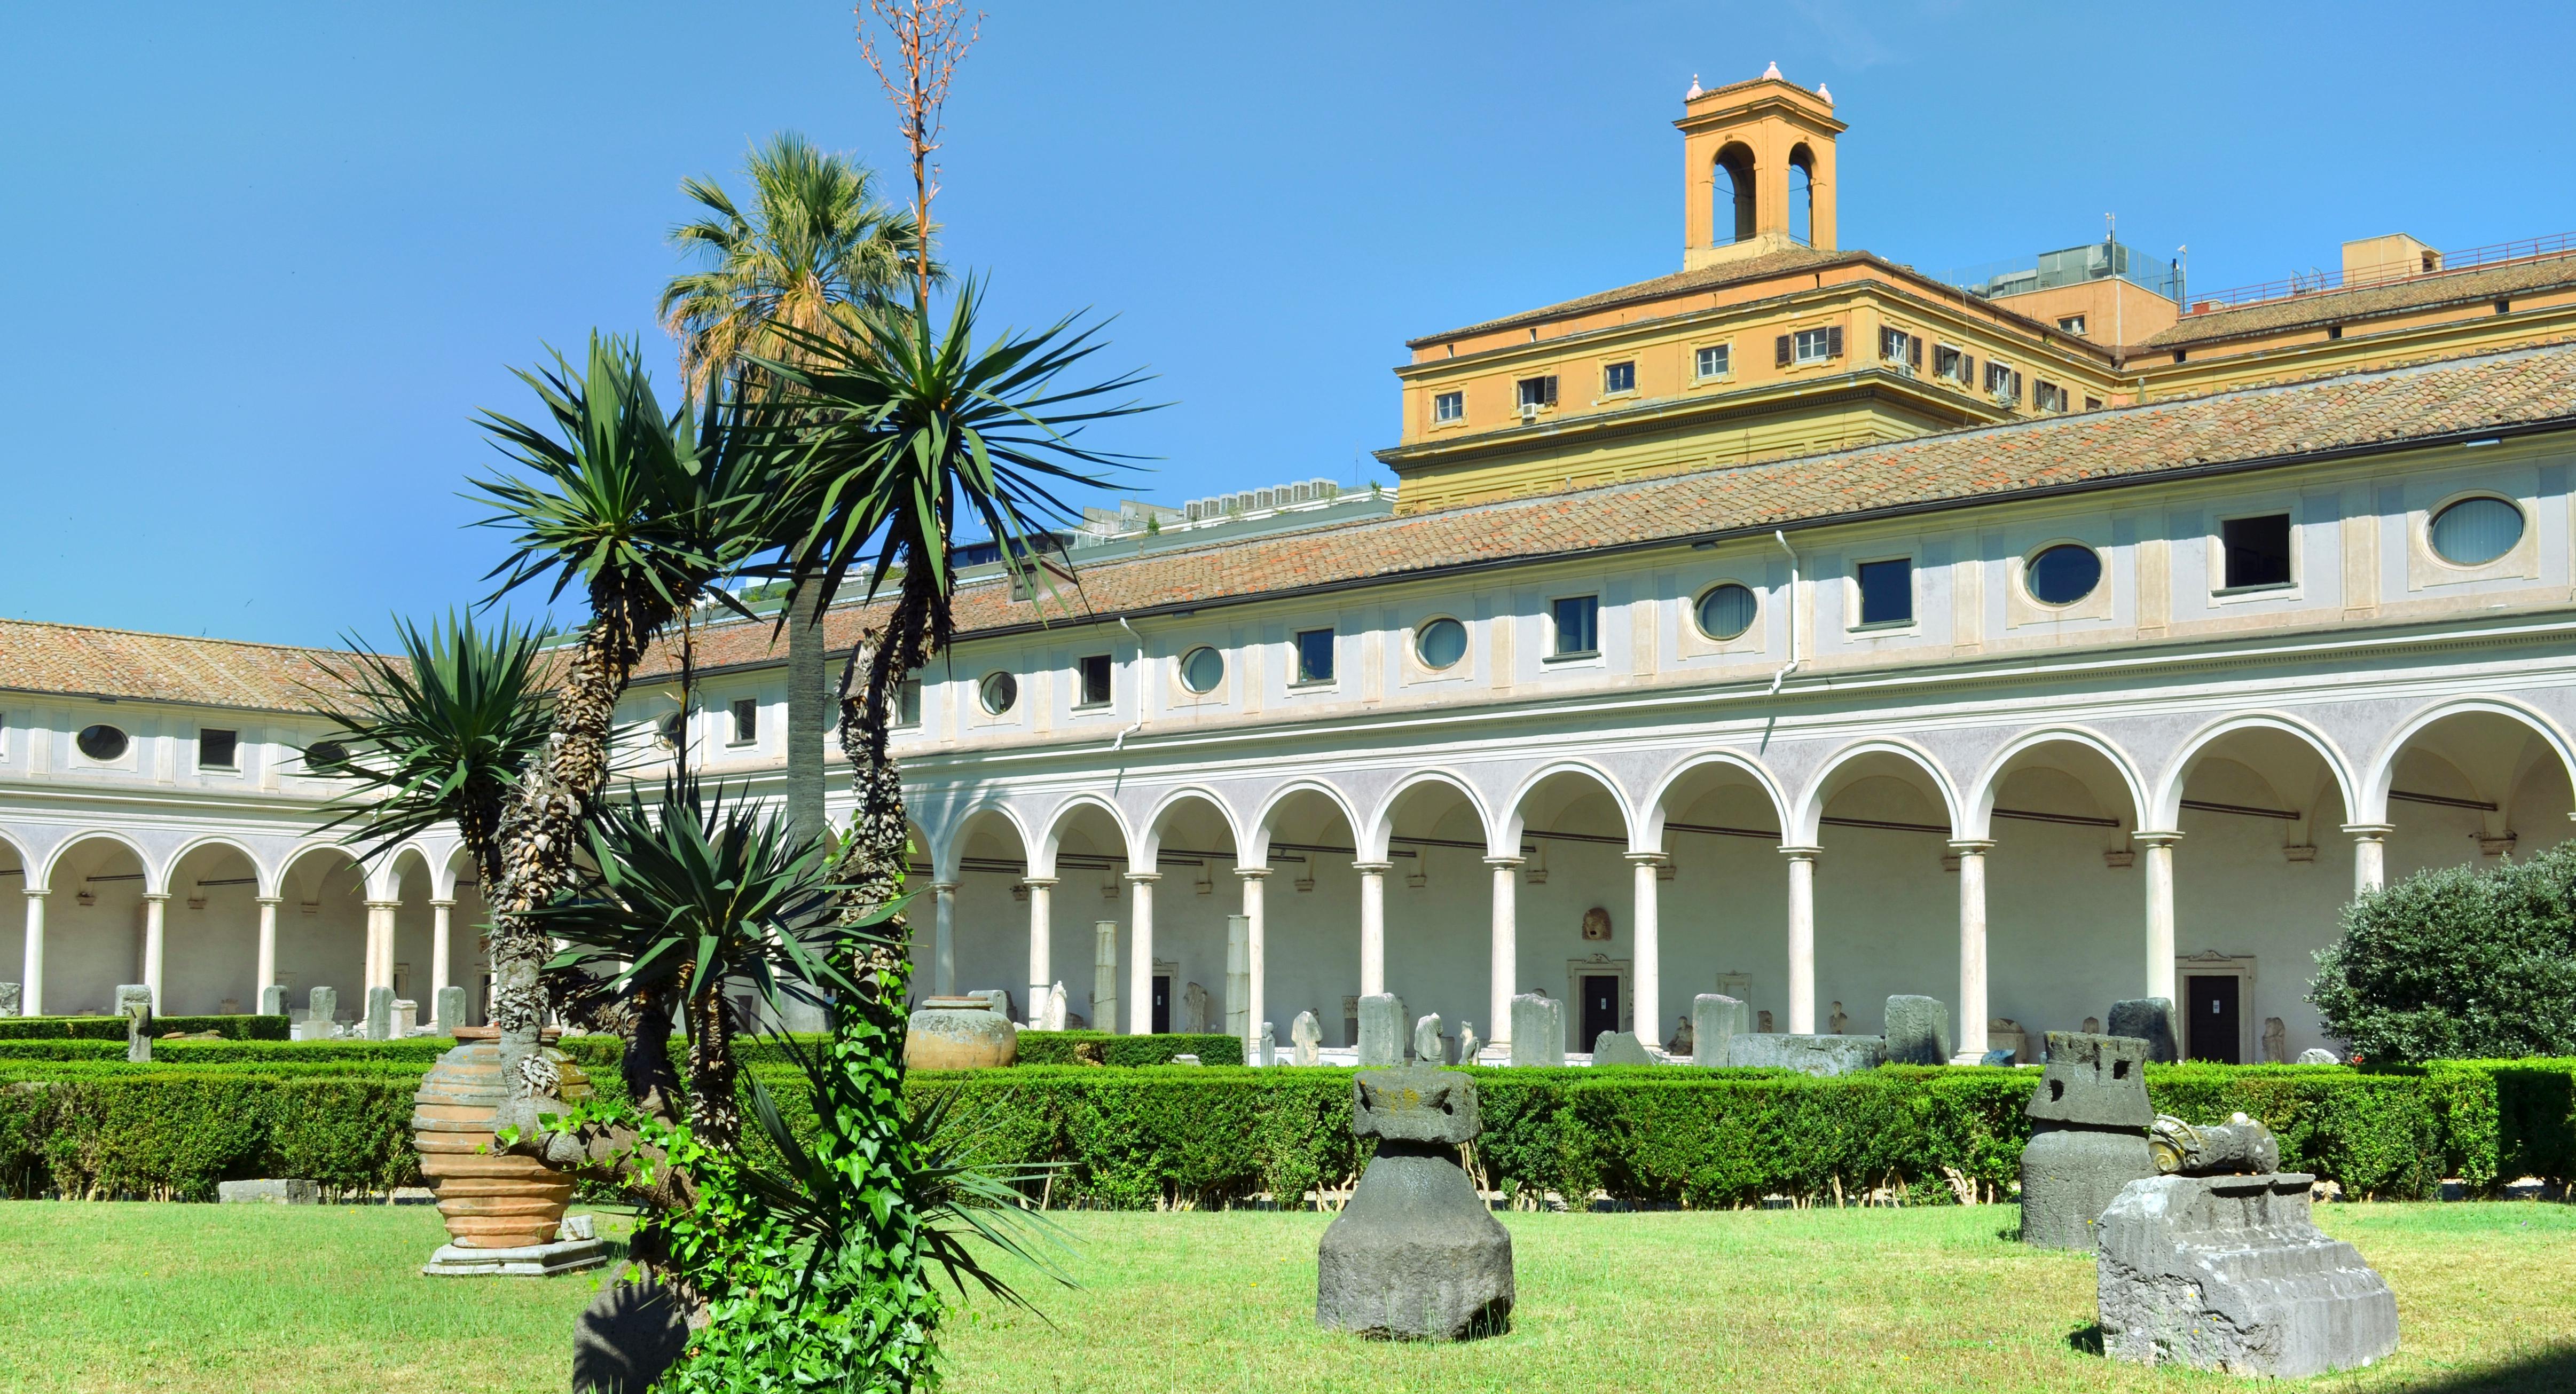 Museo Nazionale Romano - Palazzo Massimo alle Terme